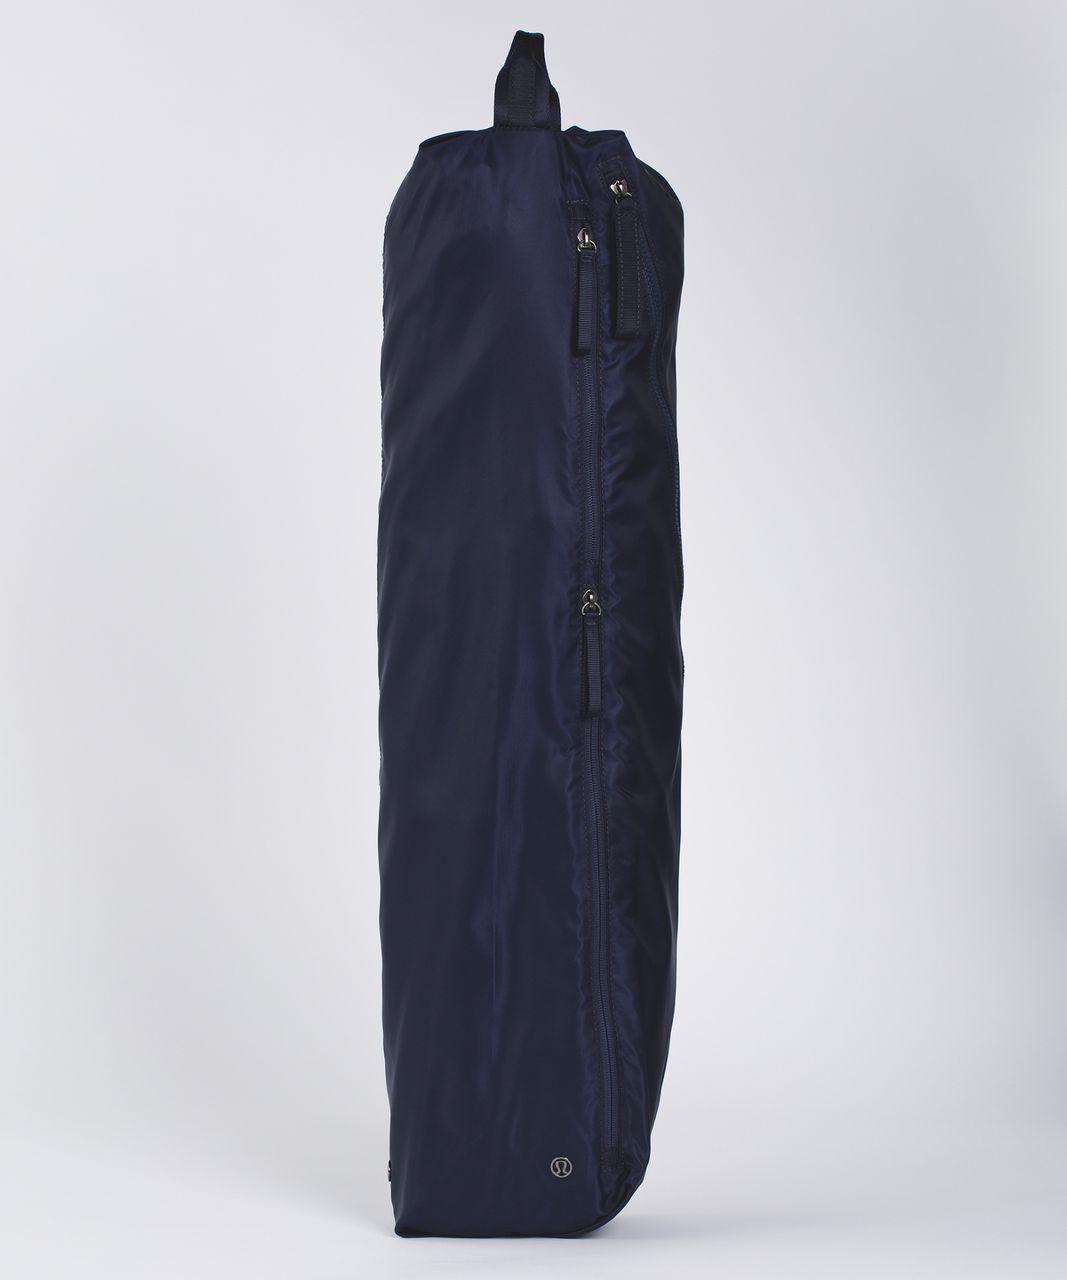 Lululemon The Yoga Bag 14l Midnight Navy